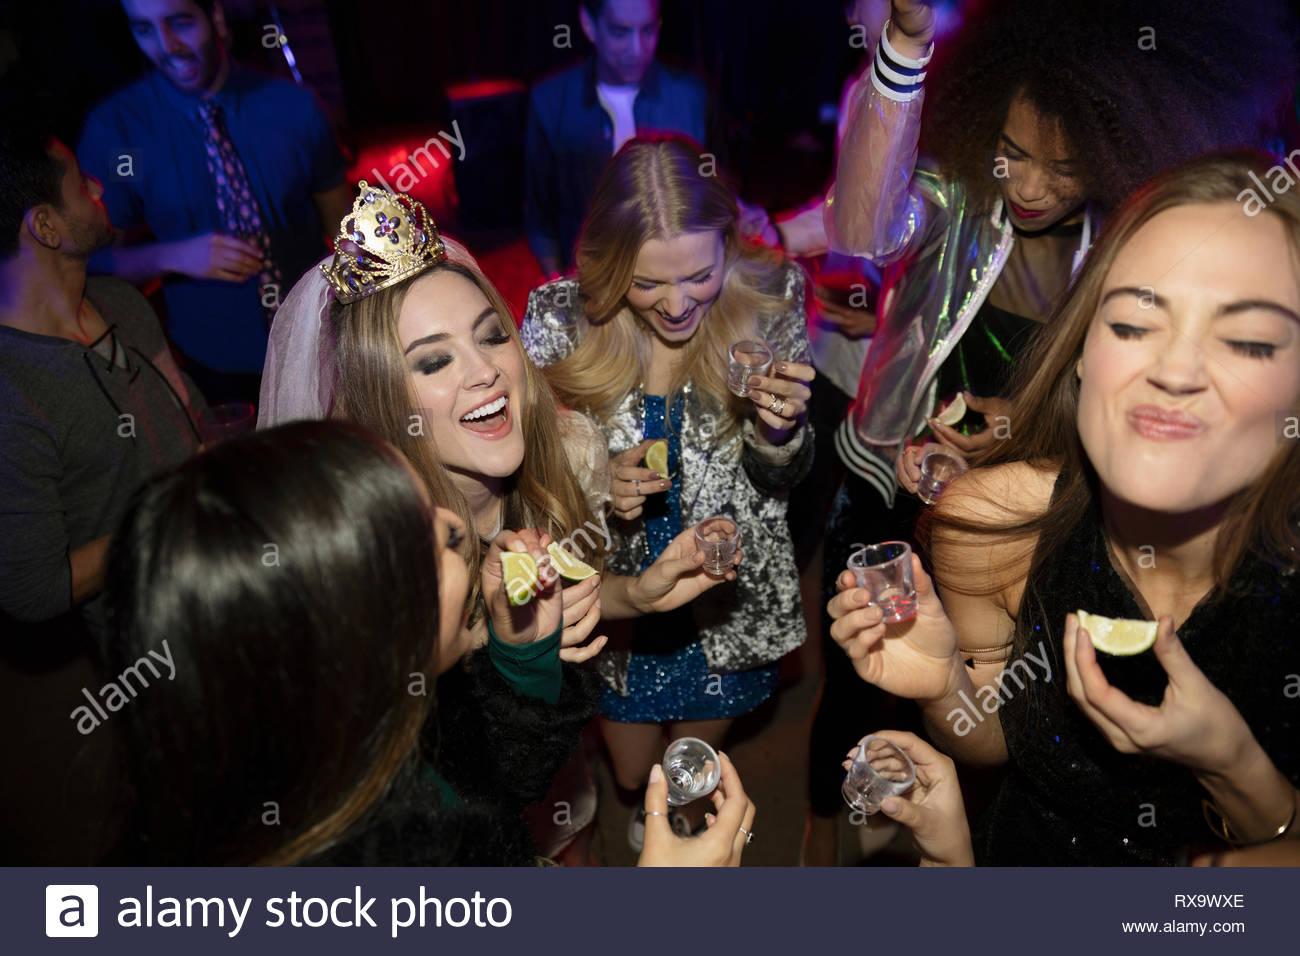 Addio al nubilato e amici prendendo tequila scatti in discoteca Immagini Stock